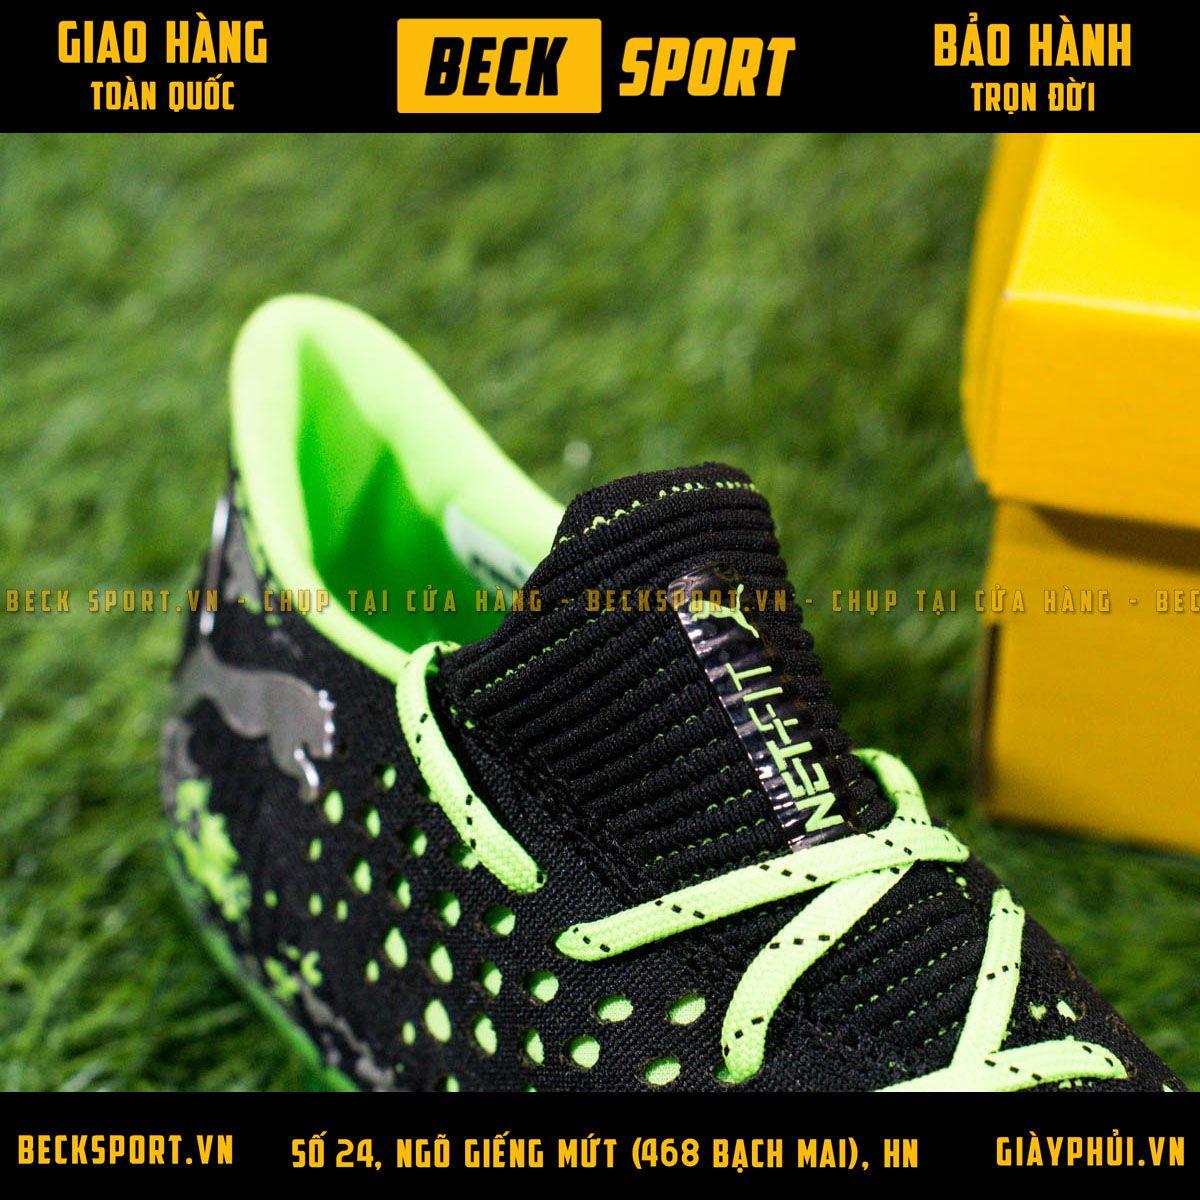 Giày Bóng Đá Puma Future 19.1 Đen Đế Xanh Lá Cổ Chun FG